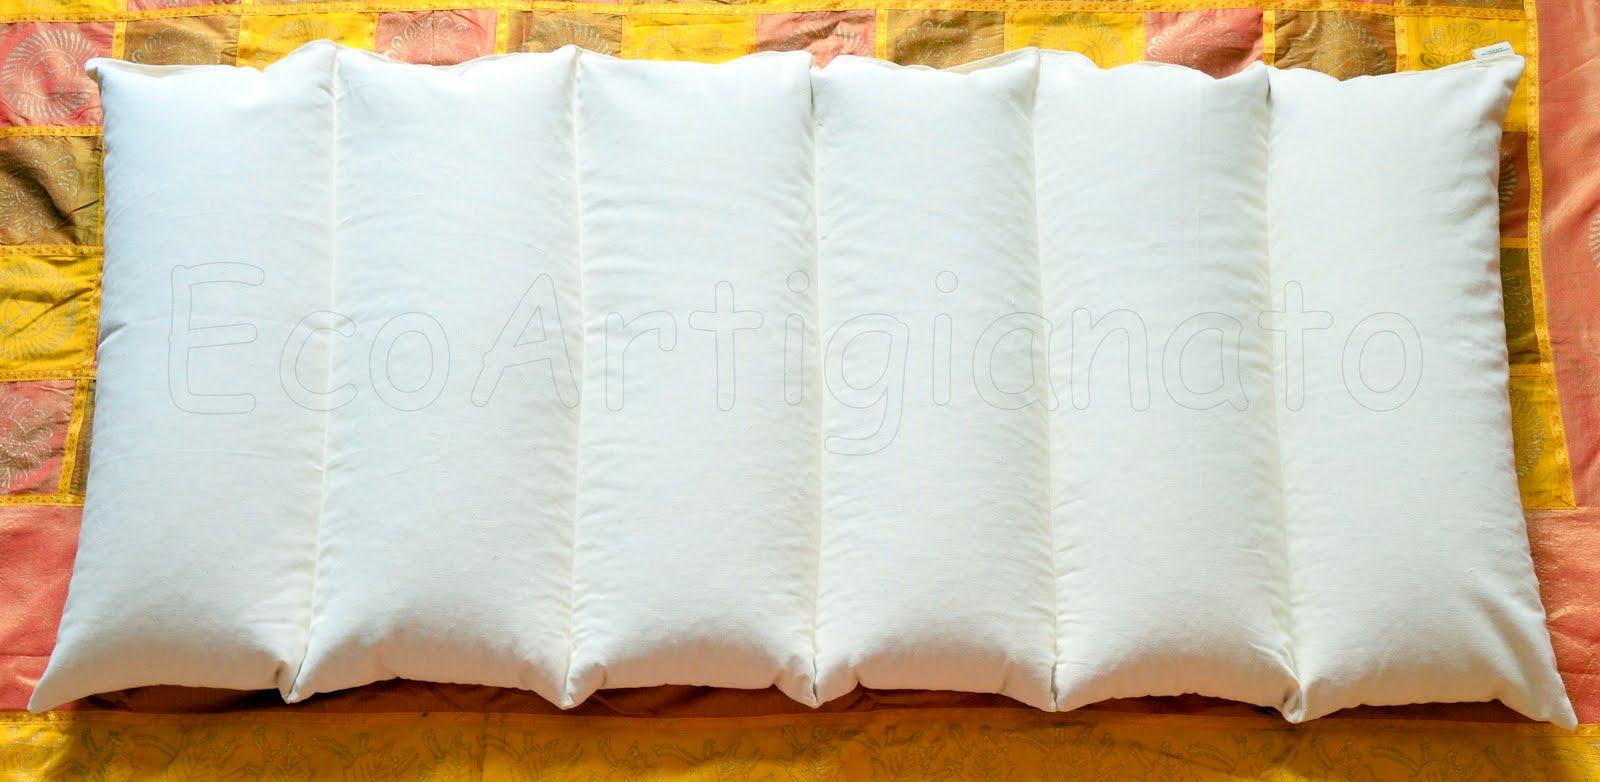 Ecoartigianato materassi e cuscini per lettino e culla for Cuscini materasso